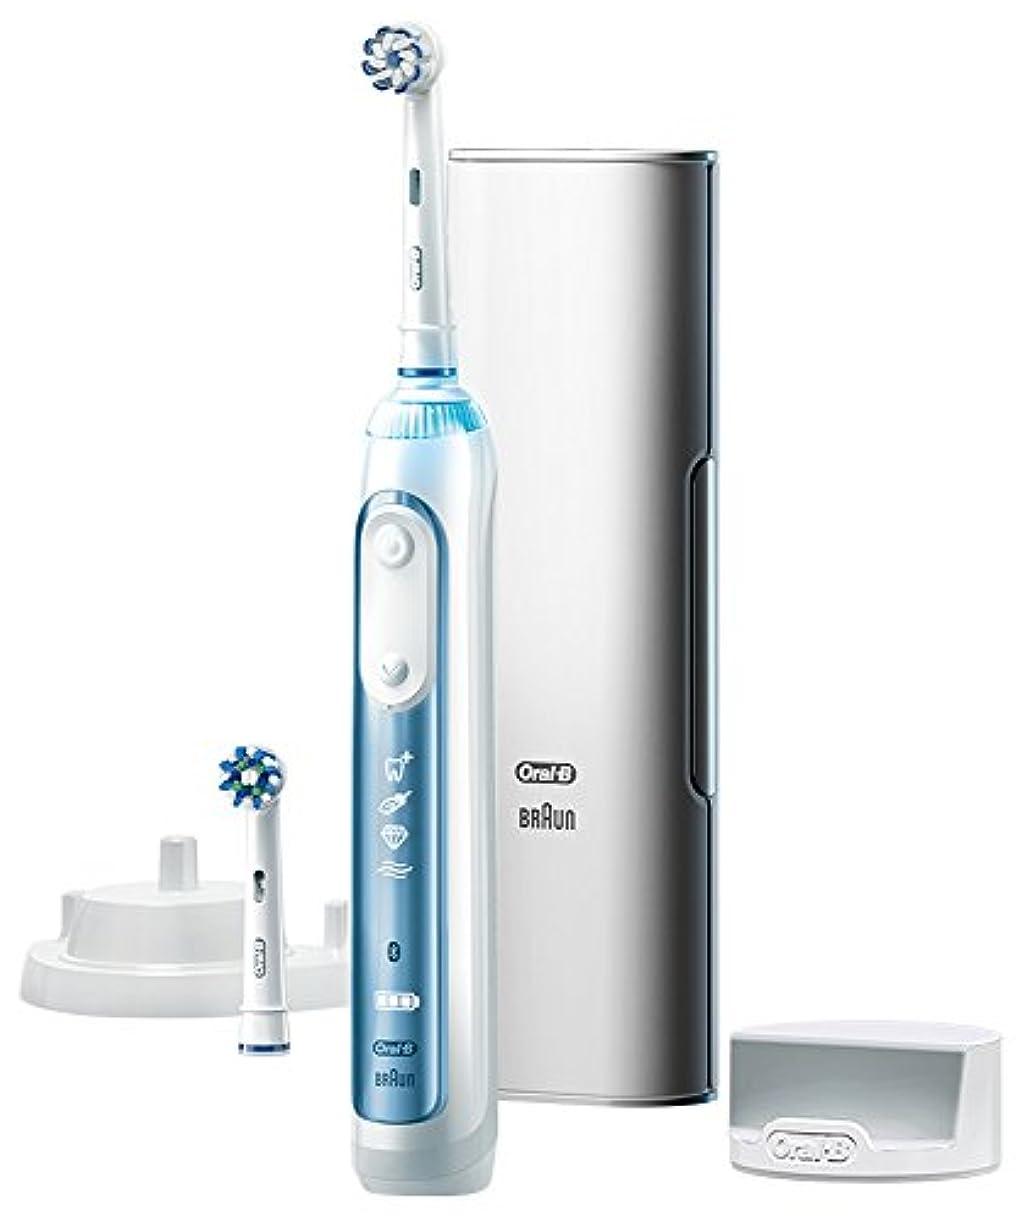 同志ホラービットブラウン オーラルB 電動歯ブラシ スマート7000 D7005245XP D7005245XP